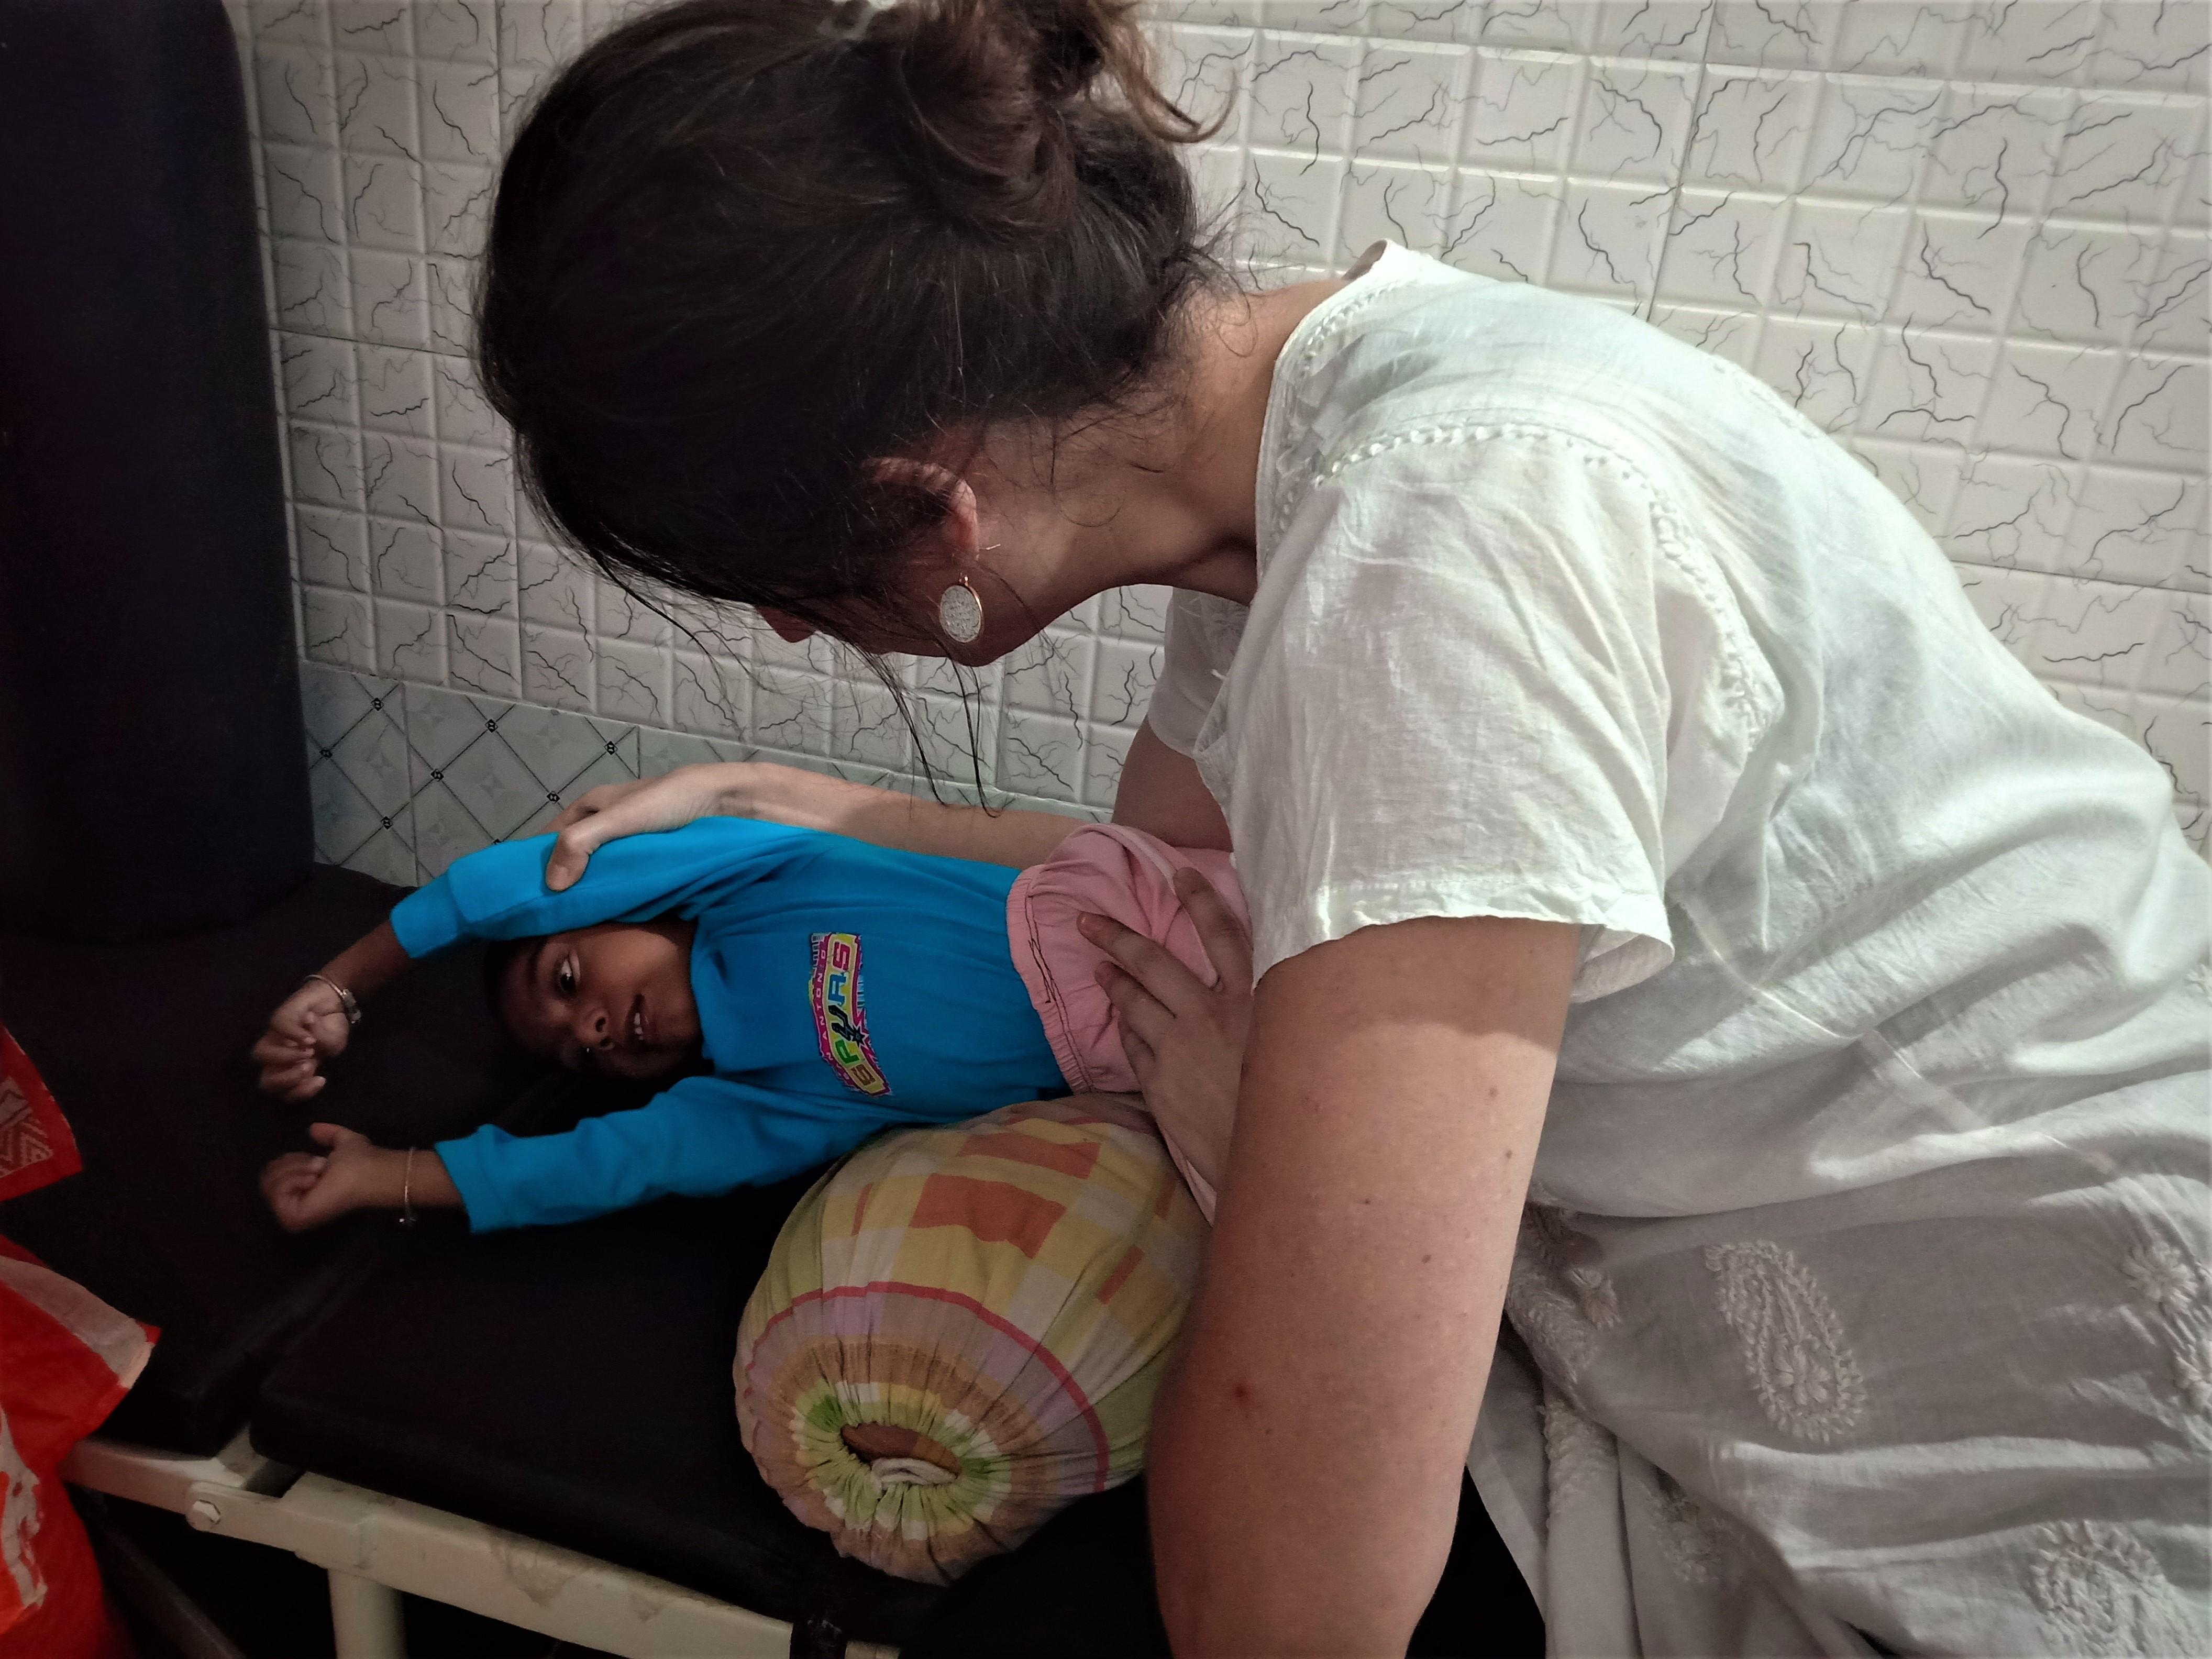 Die Physiotherapeutin Alex behandelt ein kleines Kind mit einer Behinderung.